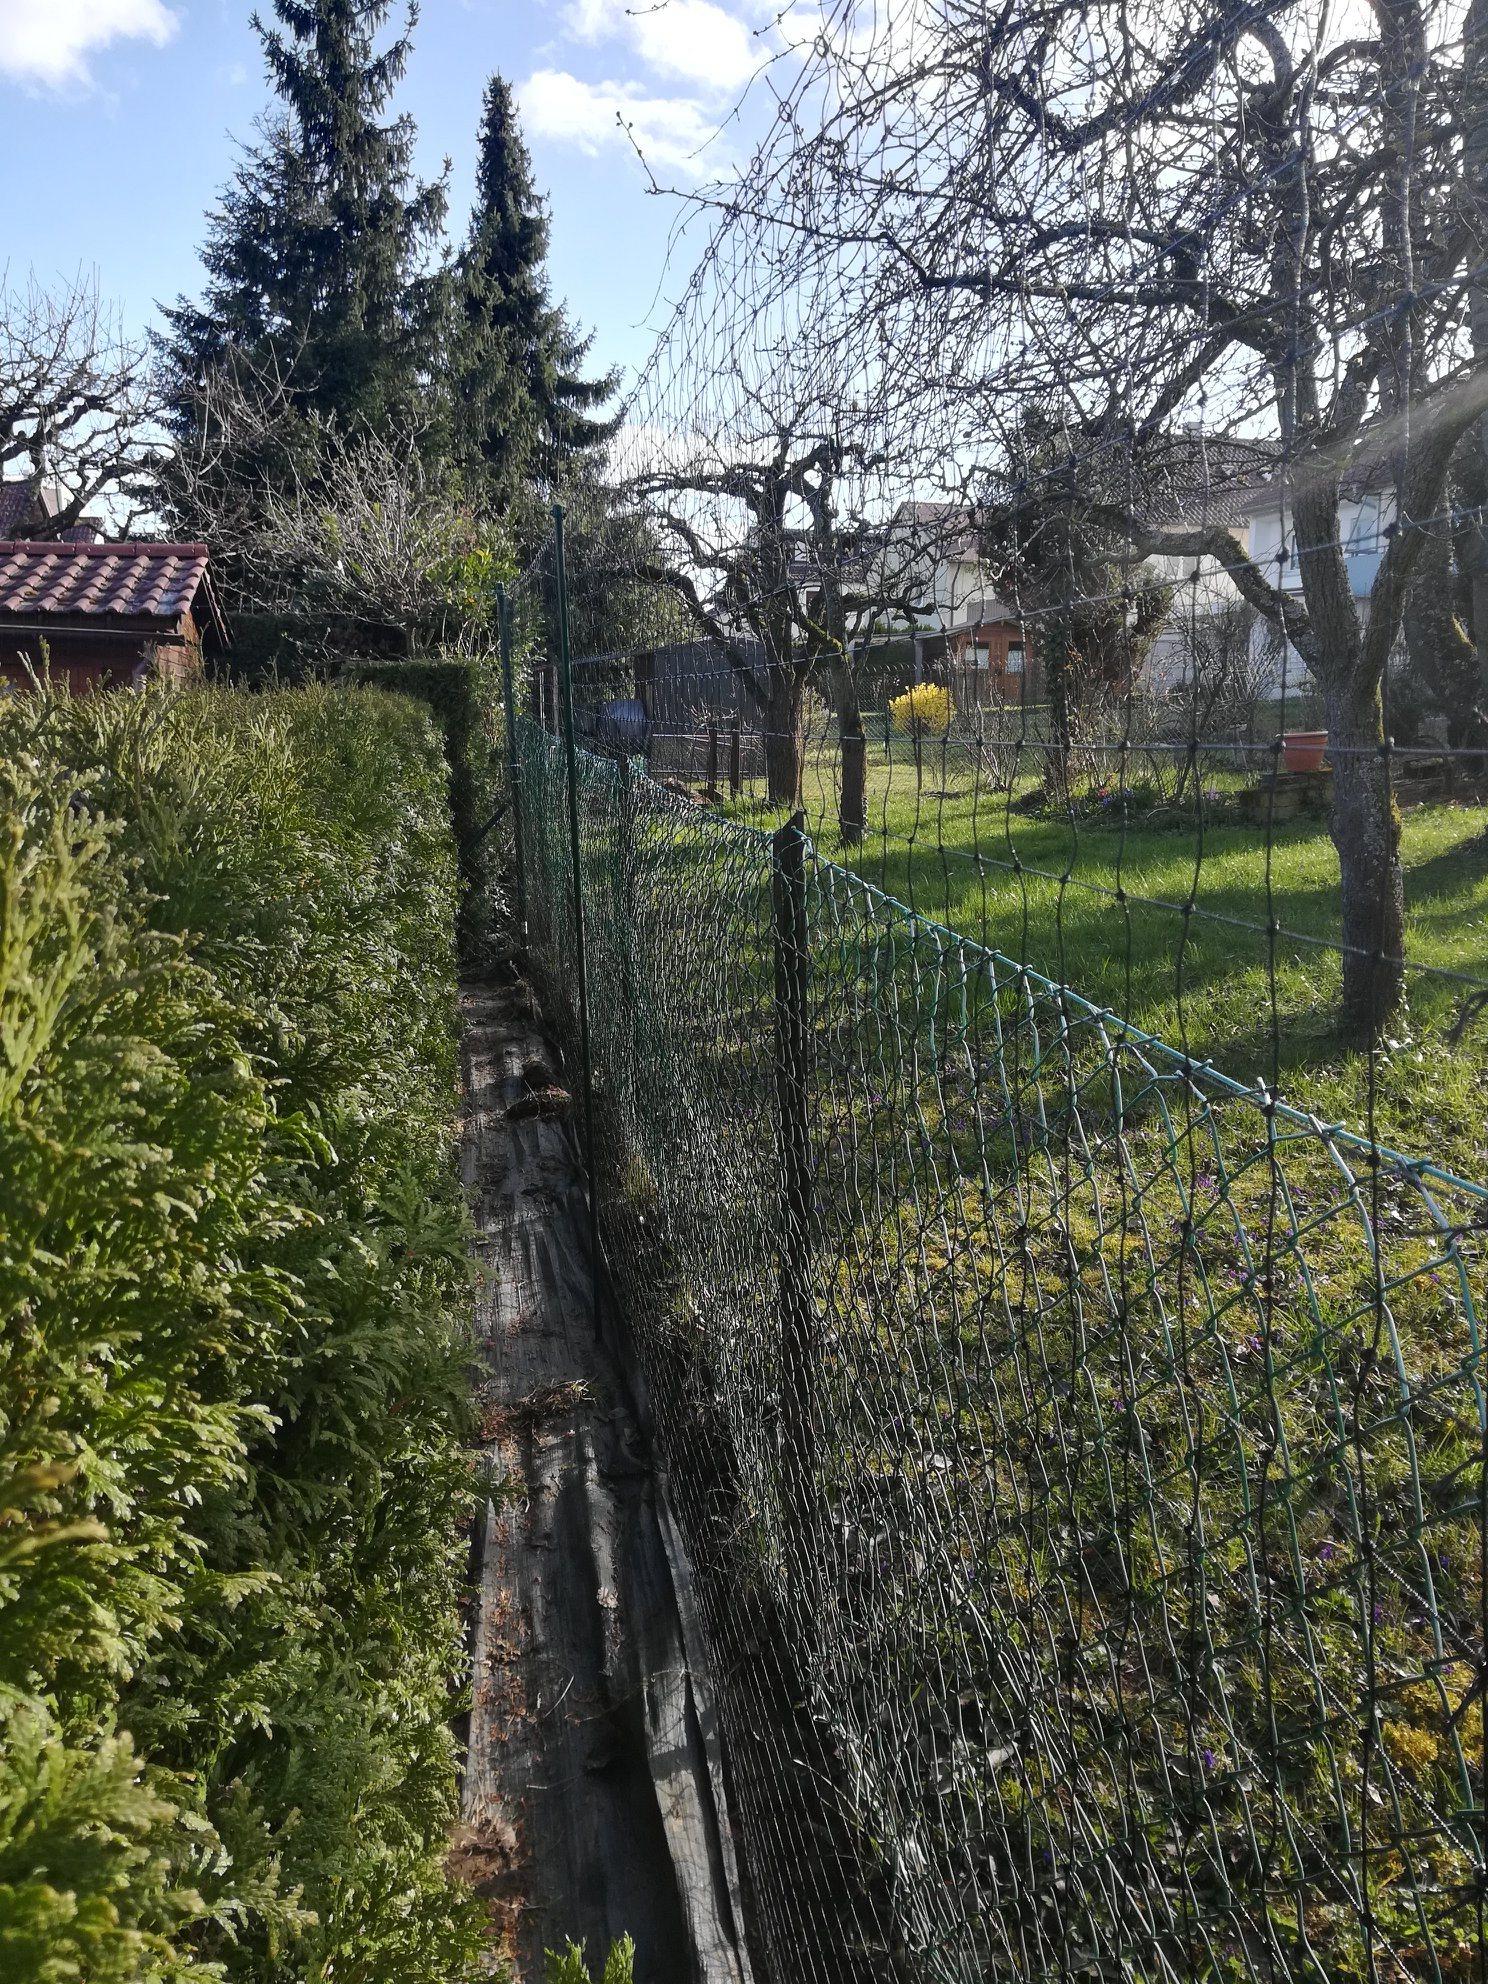 Katzenschutznetze im Garten